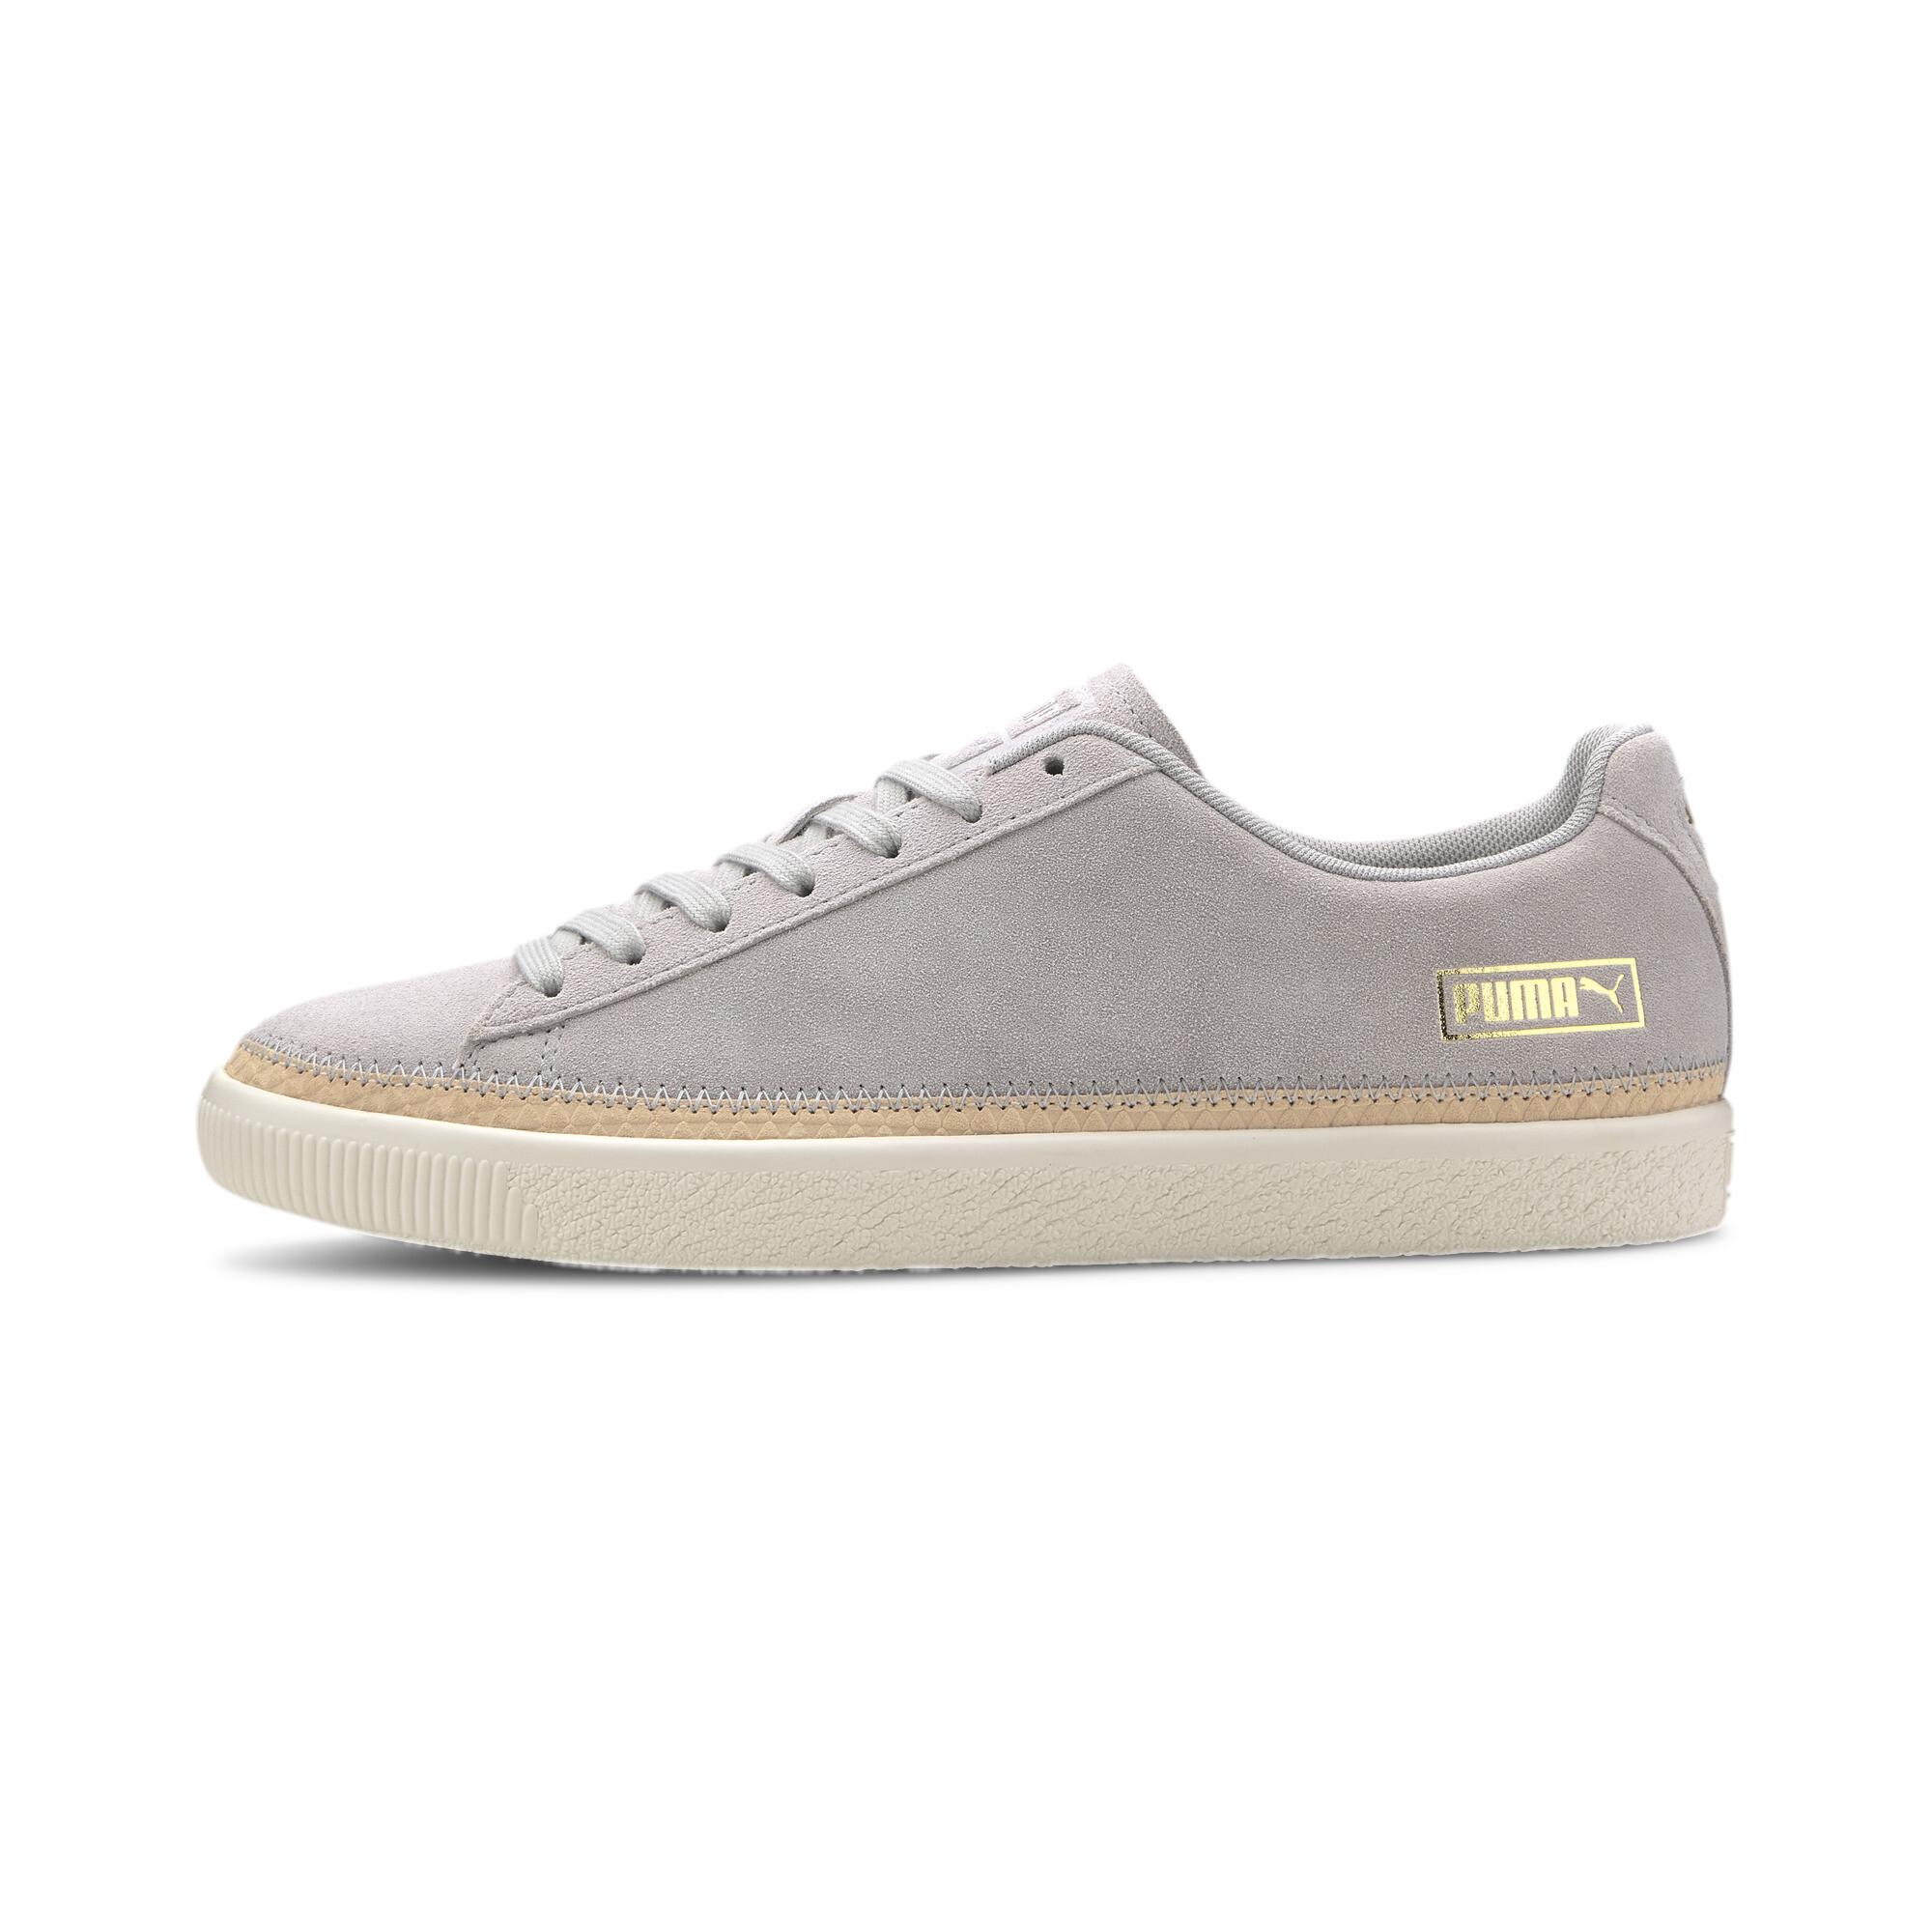 PUMA-Men-039-s-Suede-Trim-DLX-Sneakers thumbnail 4